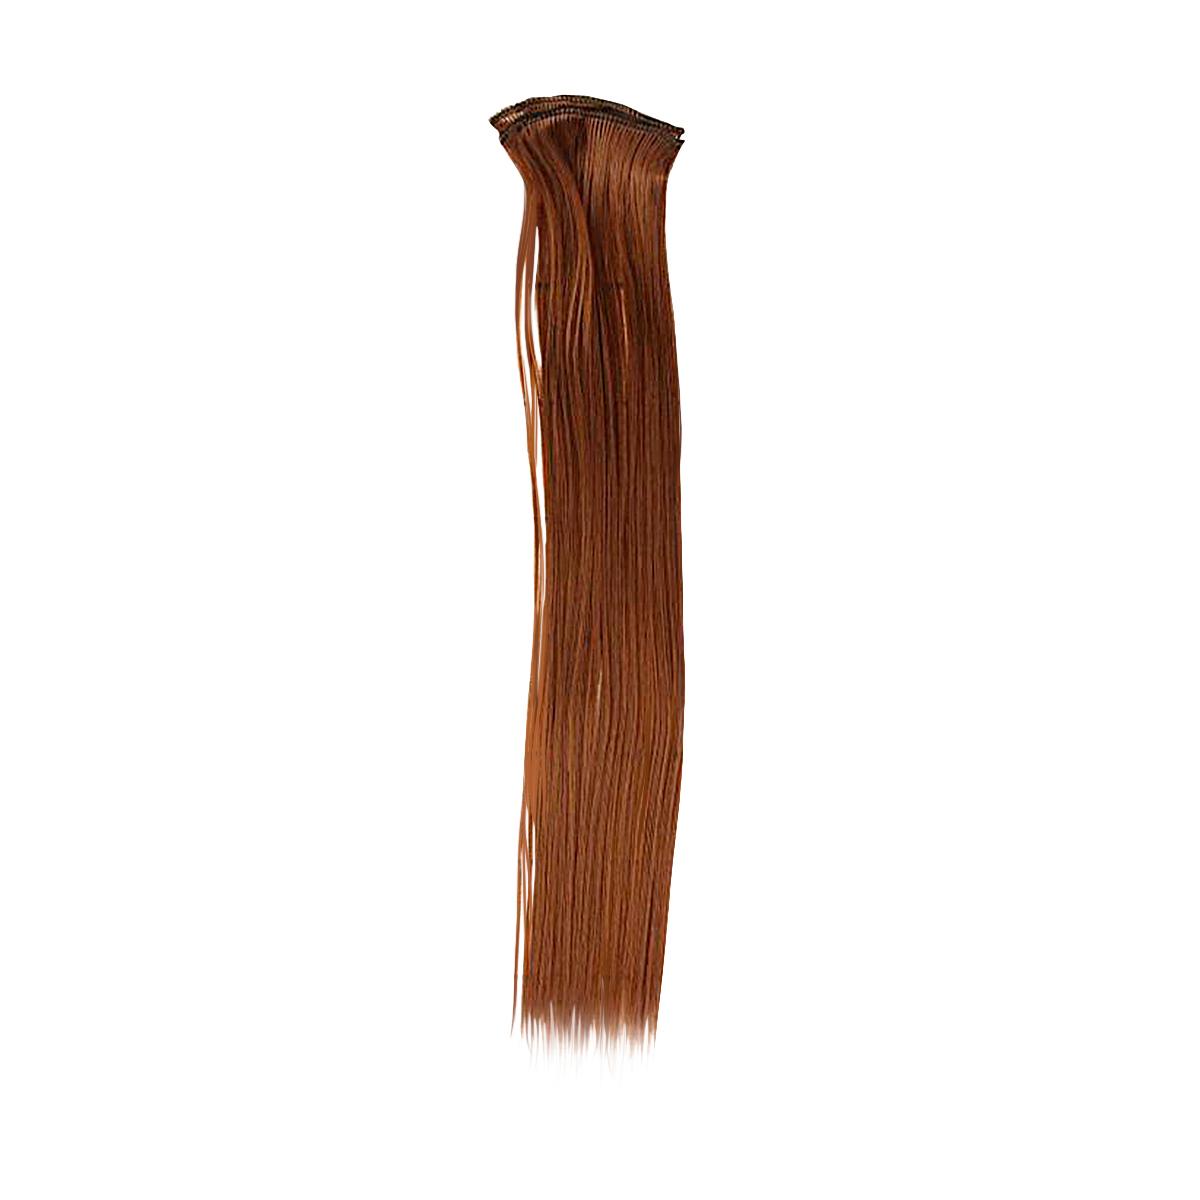 2294375 Трессы для кукол 'Прямые' длина волос 40 см, ширина 50 см, №30В